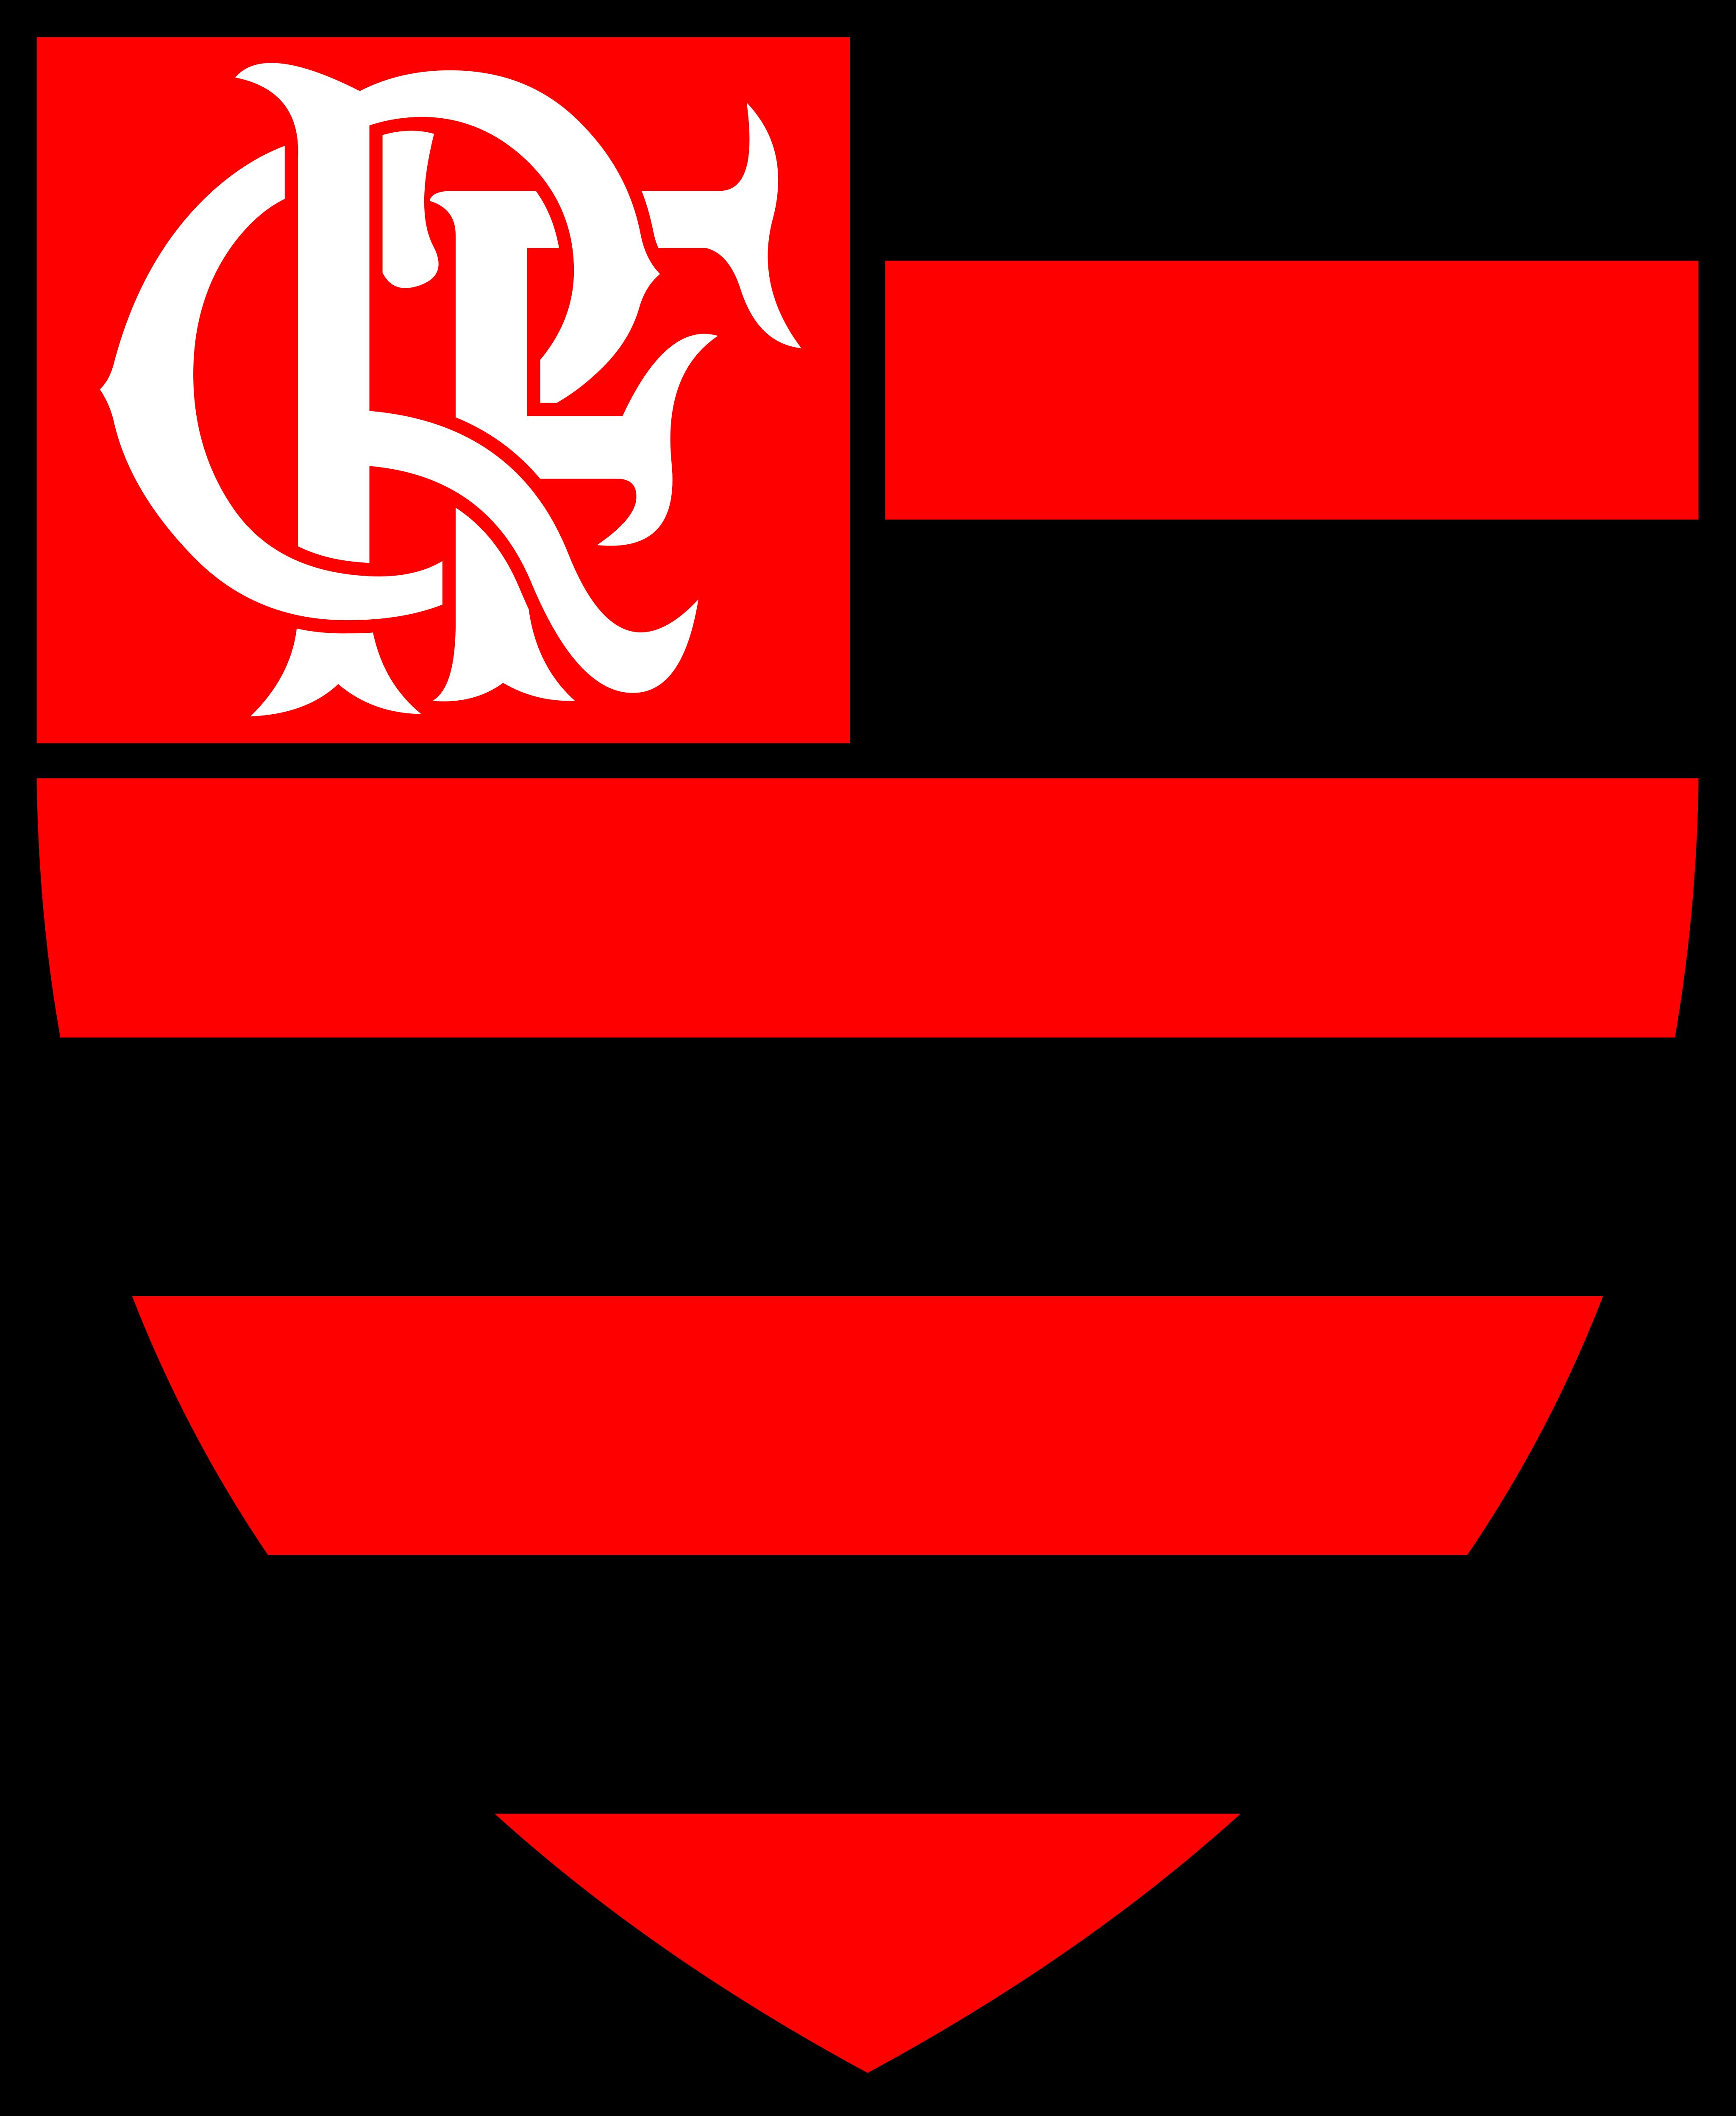 Flamengo Logo, Escudo do Flamengo.